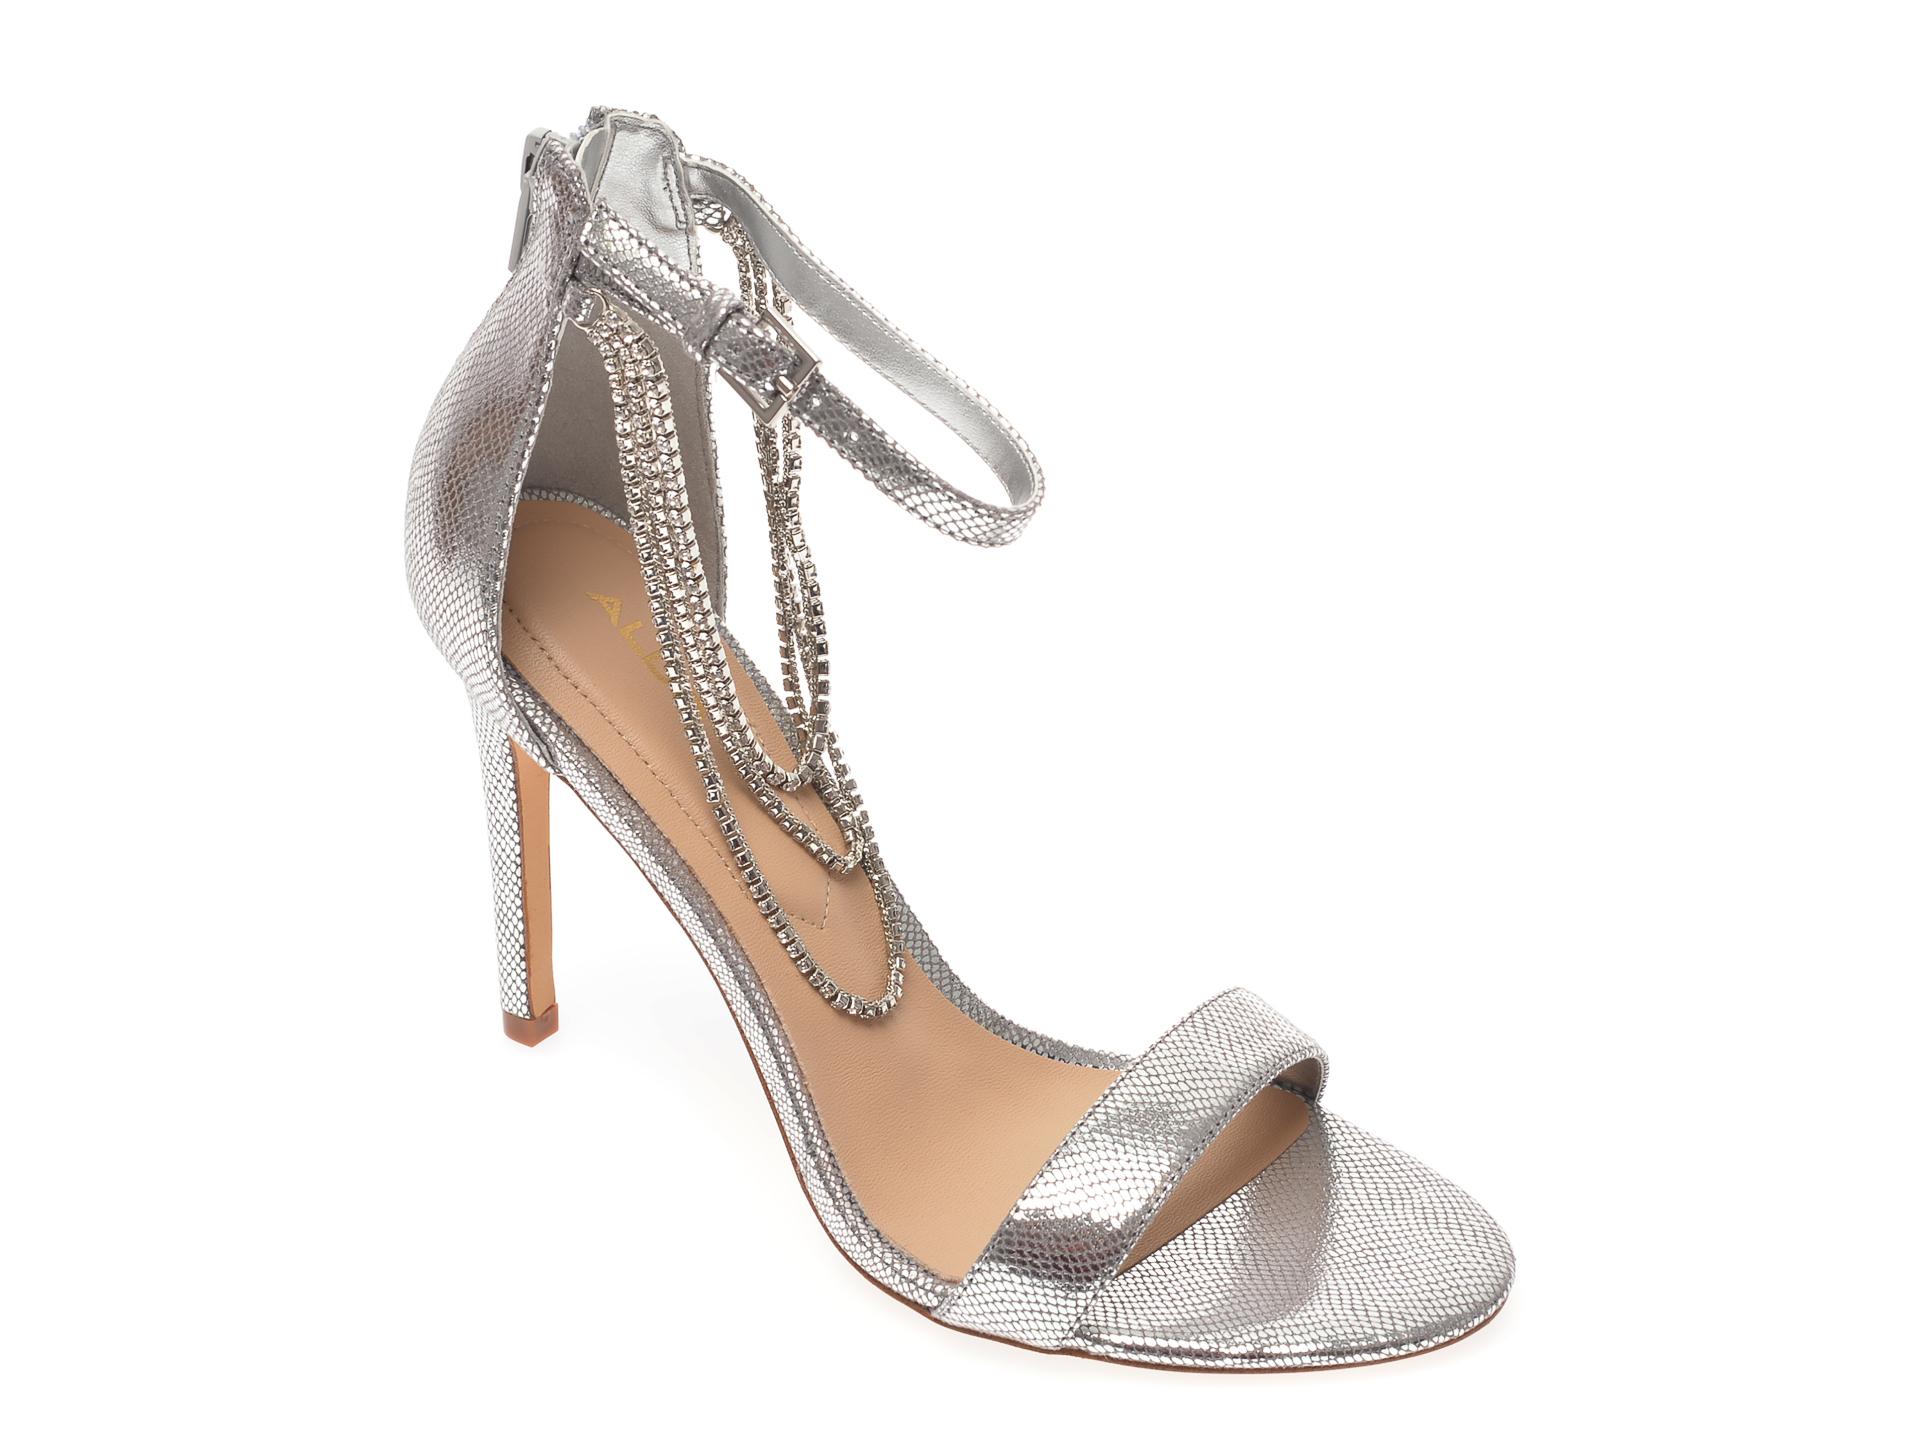 Sandale ALDO argintii, Bling040, din piele ecologica